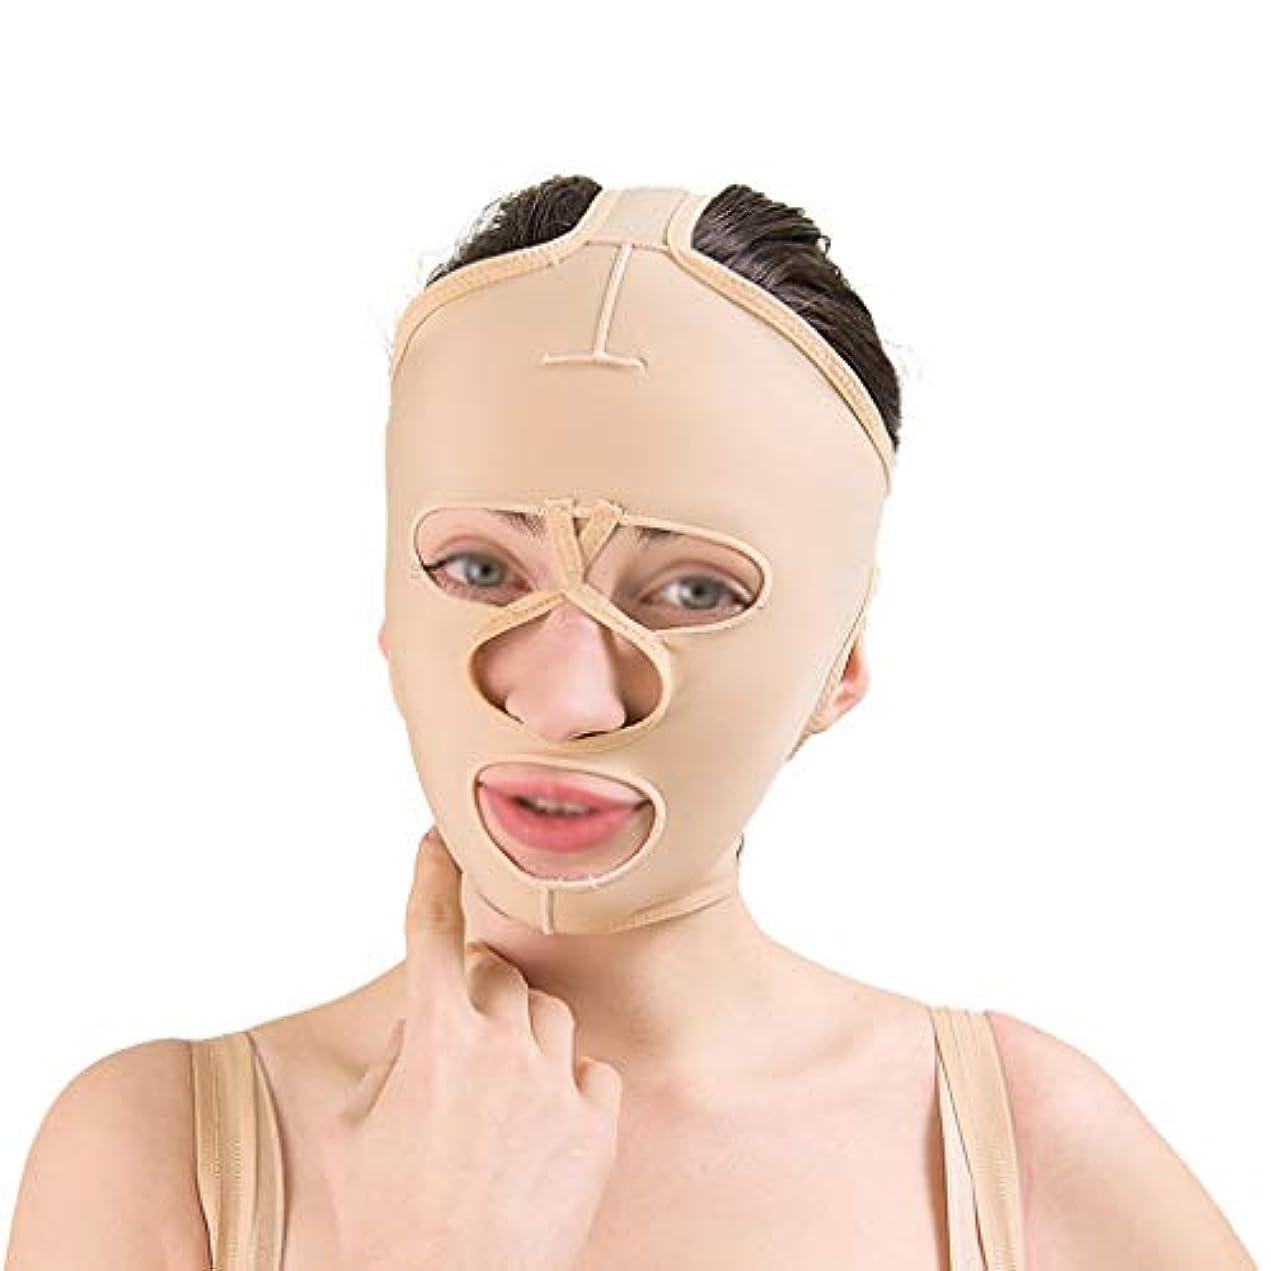 窒息させる目立つ実証するフェイシャルリフティングツール、フェイシャルビューティリフティングマスク、通気性のあるファーミングリフティングフェイシャル包帯、フェイシャルタイトバンデージ (Size : S)